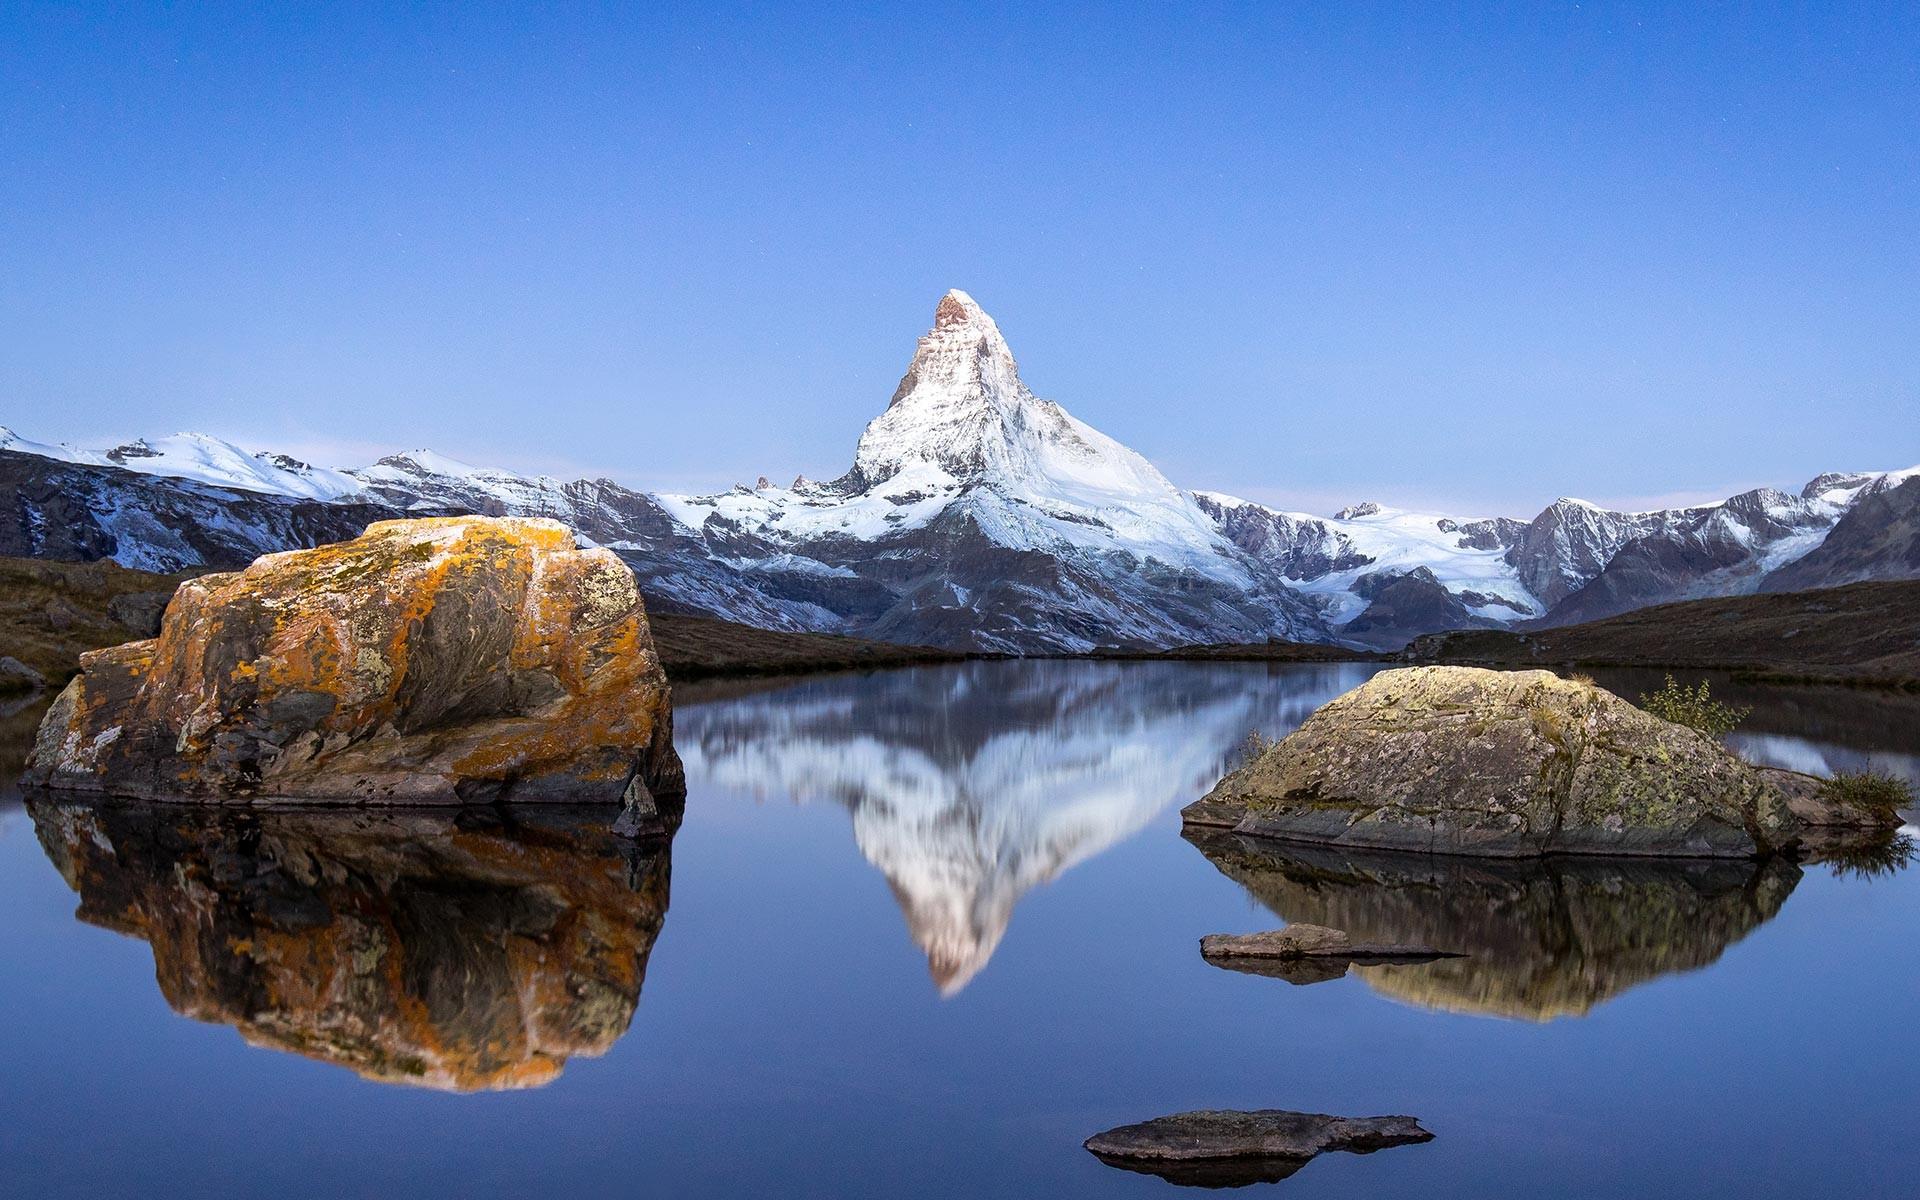 Hd Girl Wallpapers 1080p Download Matterhorn Hd Wallpaper 64 Images